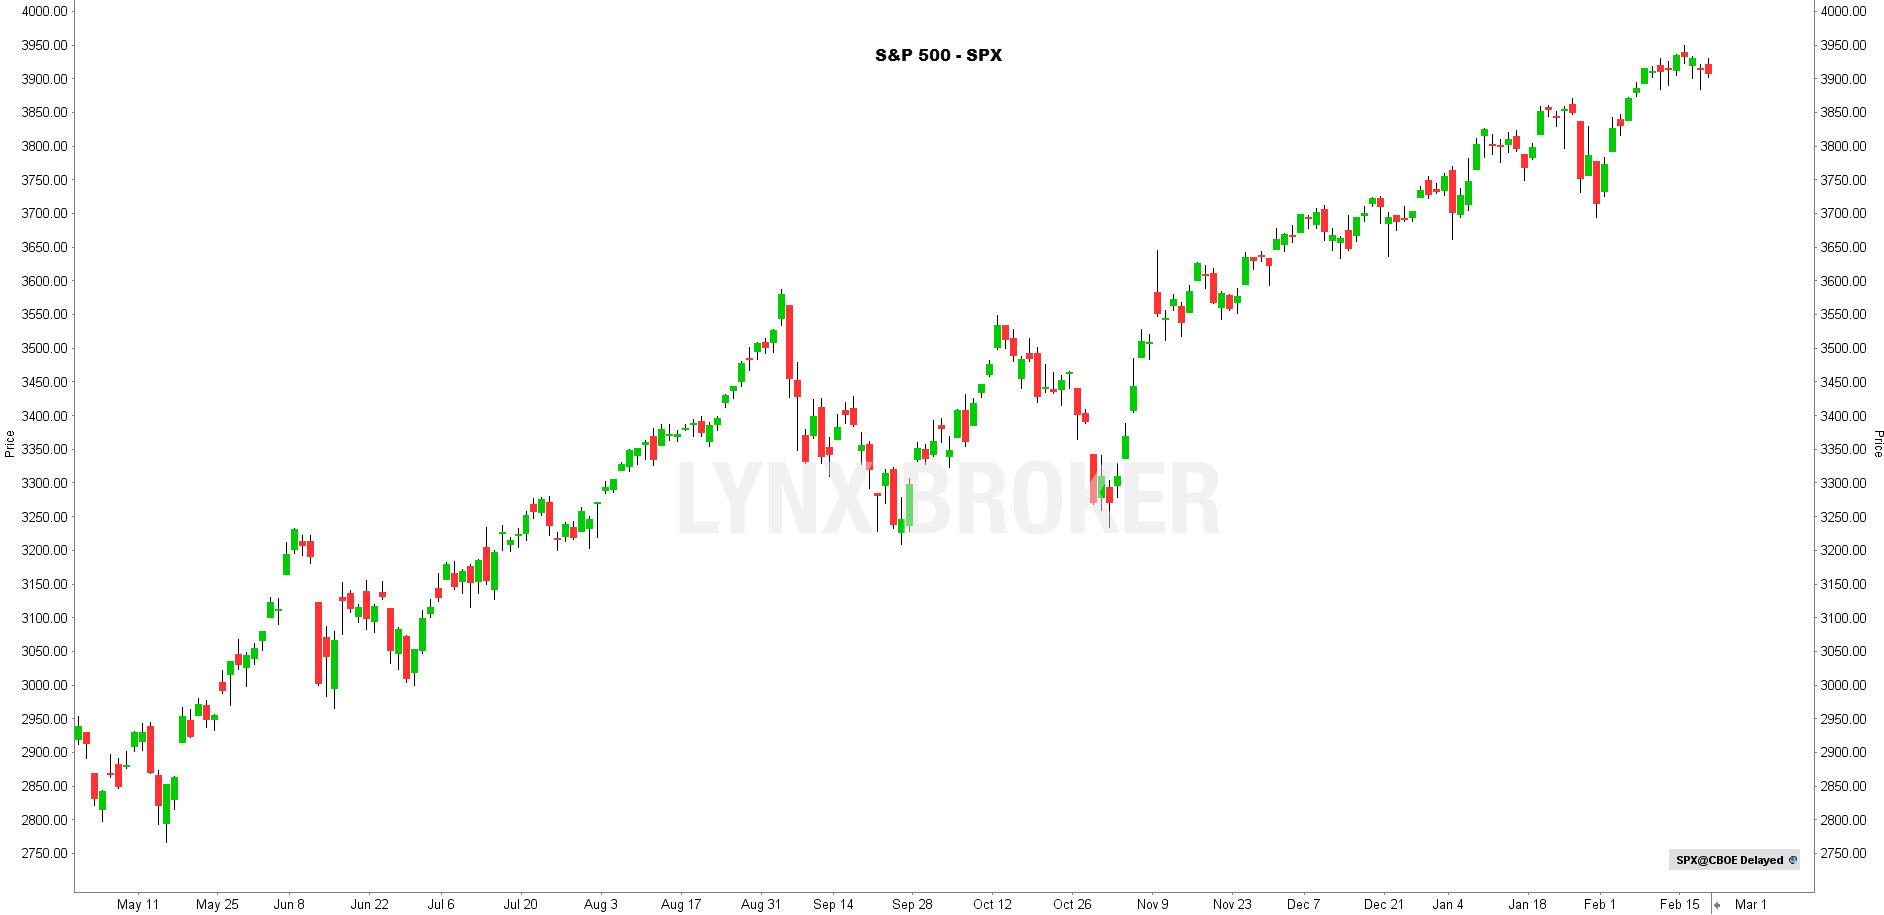 la chronique lynx broker 220221 - graphiqueS&P